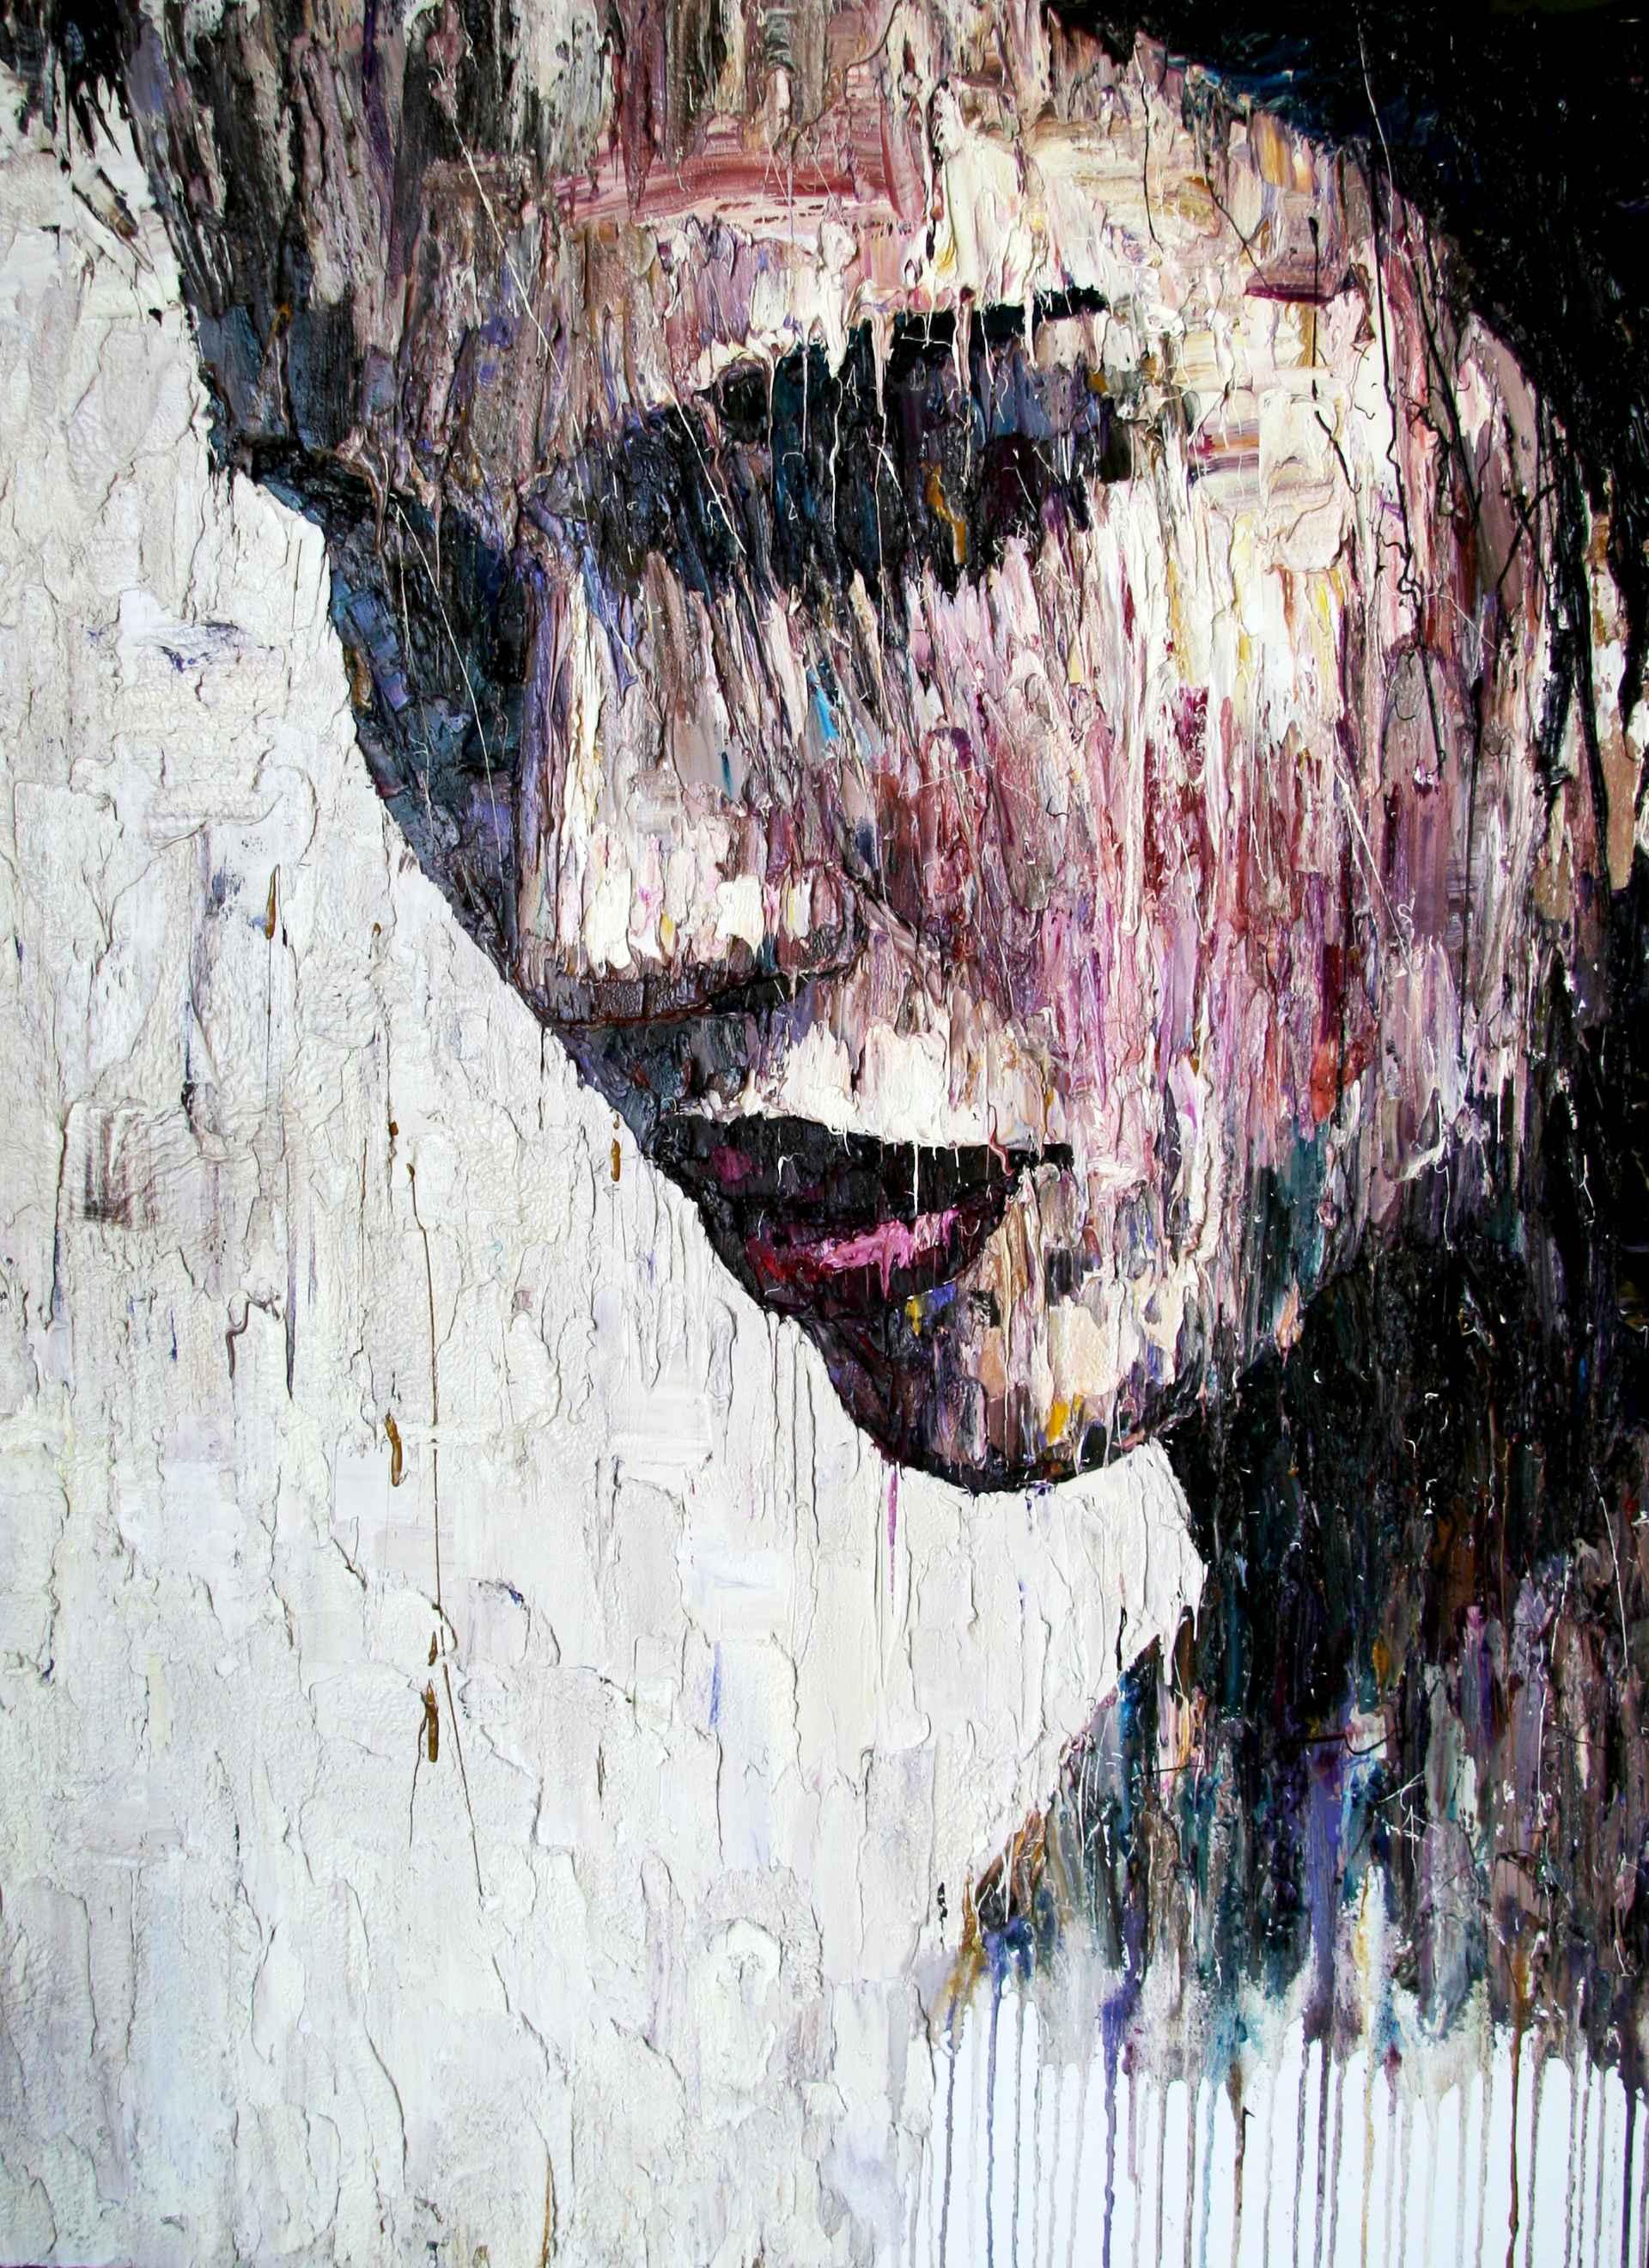 Reya by Carl Melegari